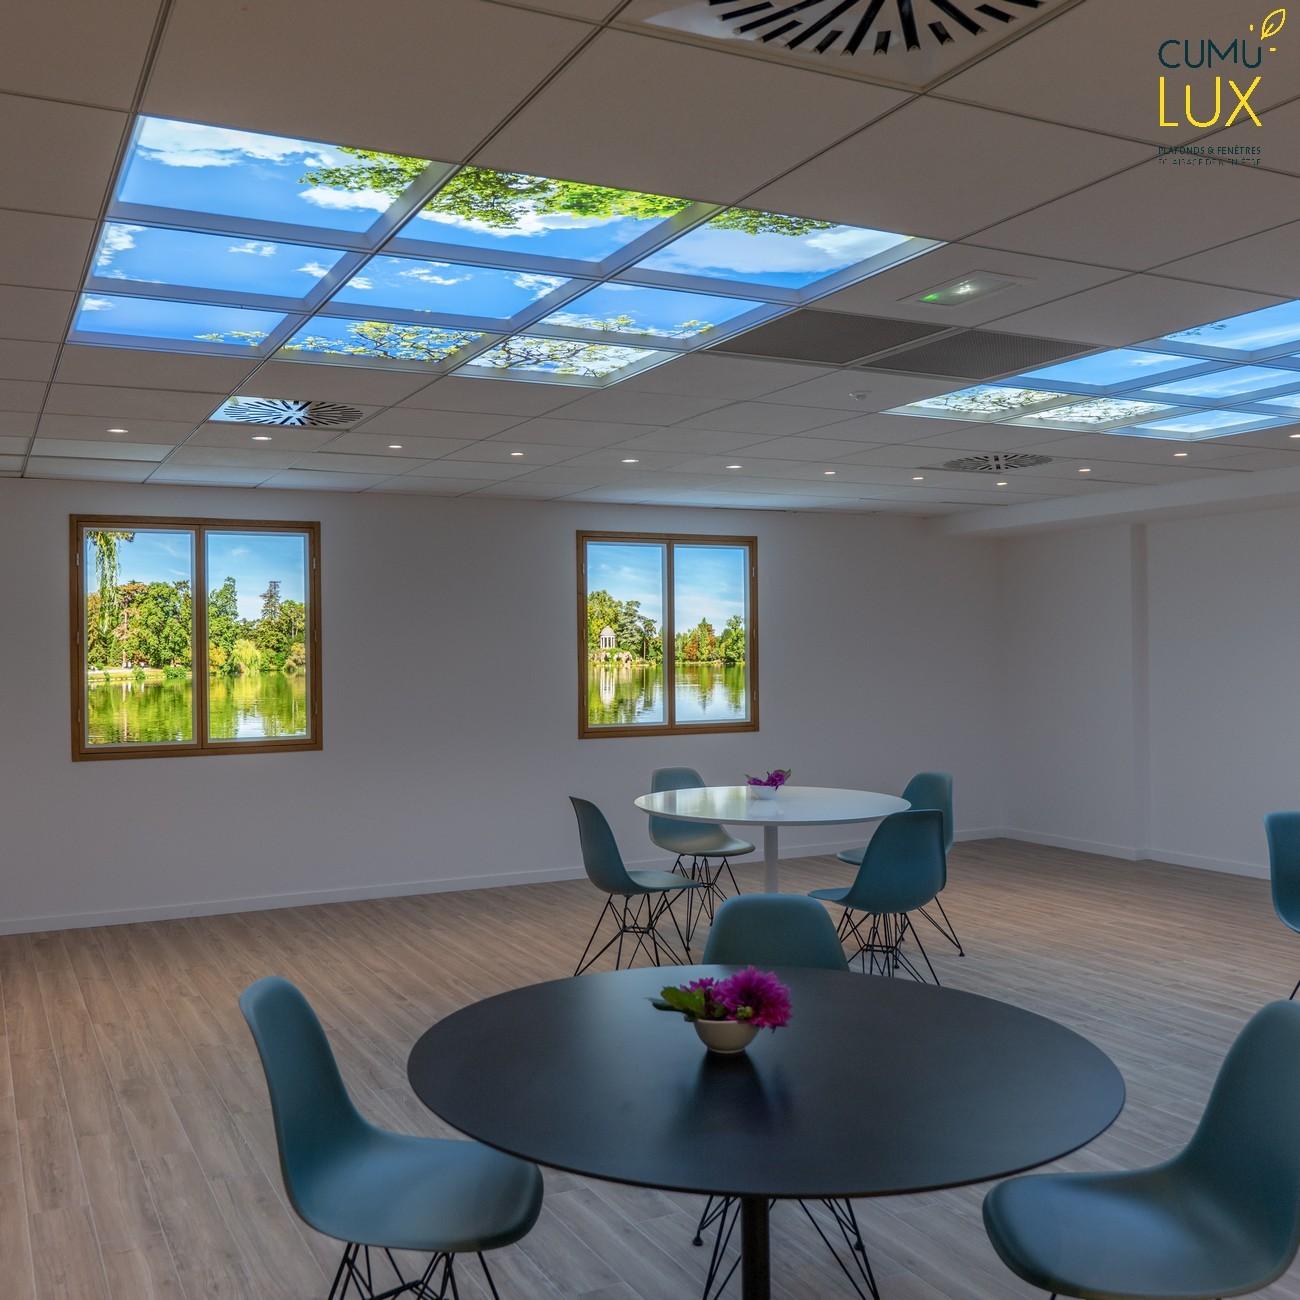 Ciel lumineux Cumulux et Lac de Daumesnil dans une salle de restauration au sous-sol chez Interfel